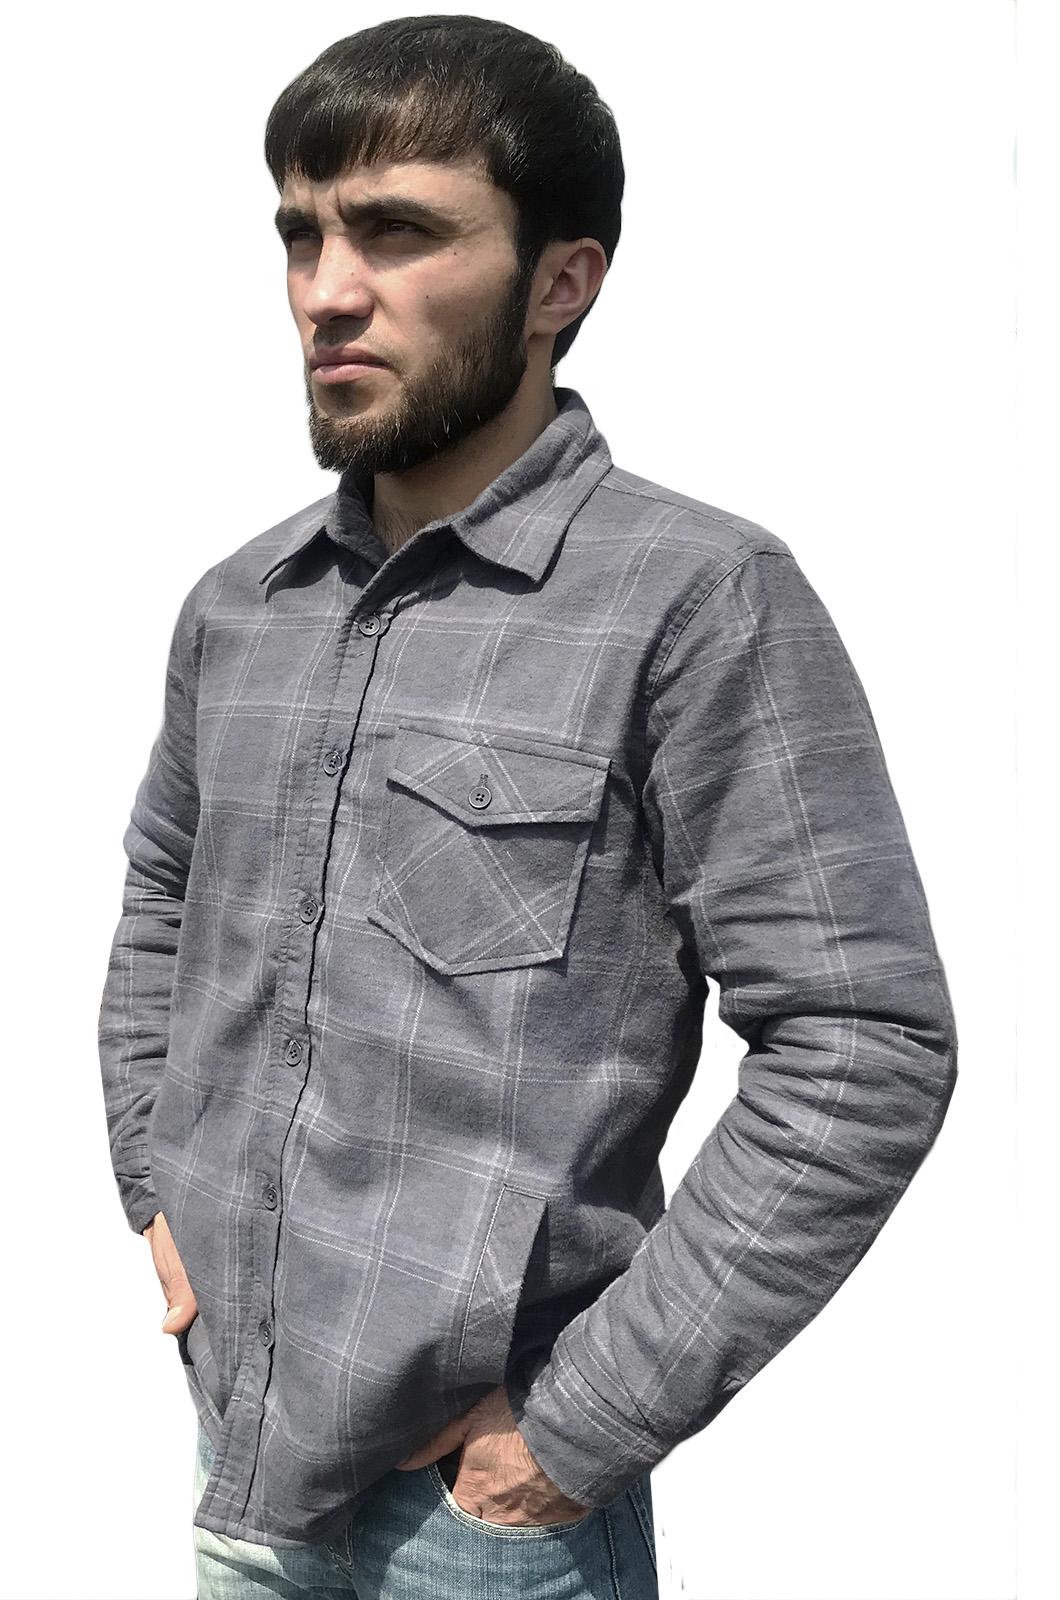 Крутая теплая рубашка с вышитым шевроном МЧПВ РФ - купить выгодно